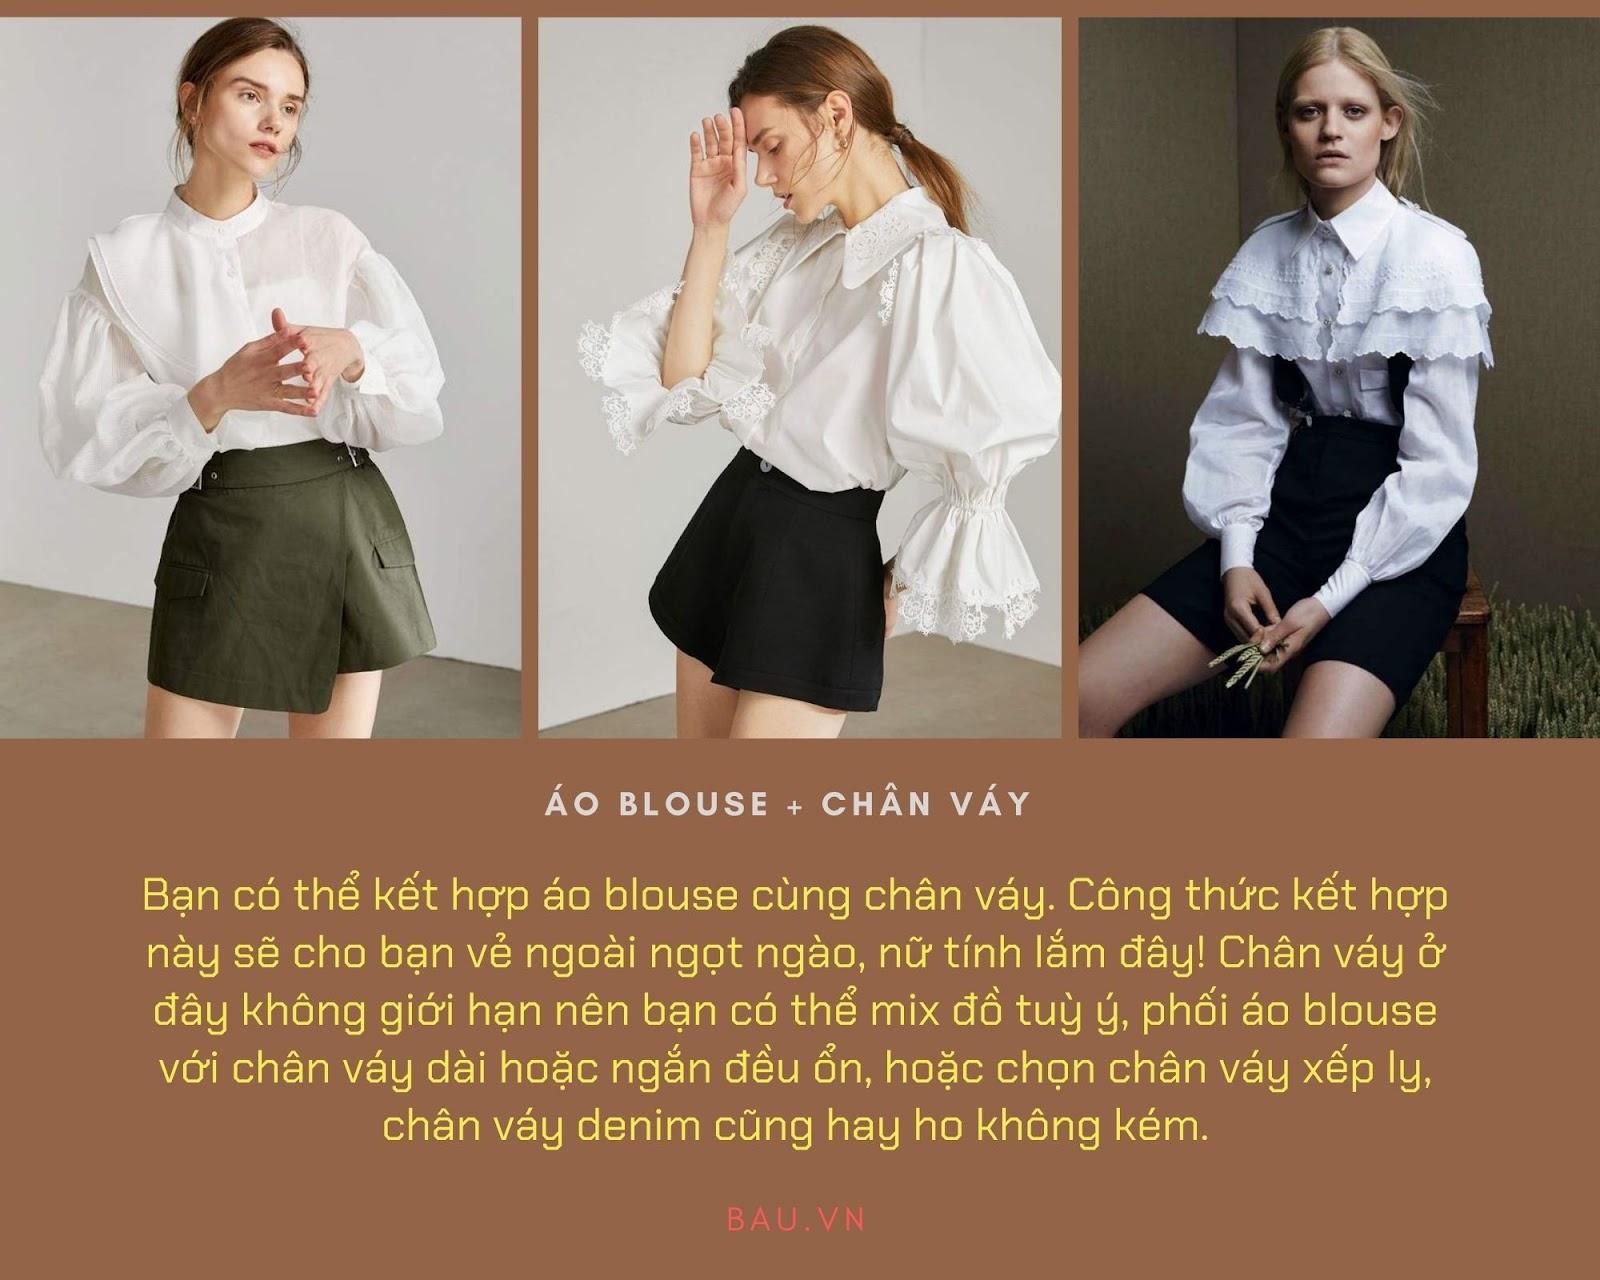 Những tips kết hợp áo blouse cho các cô nàng năng động - ảnh 5